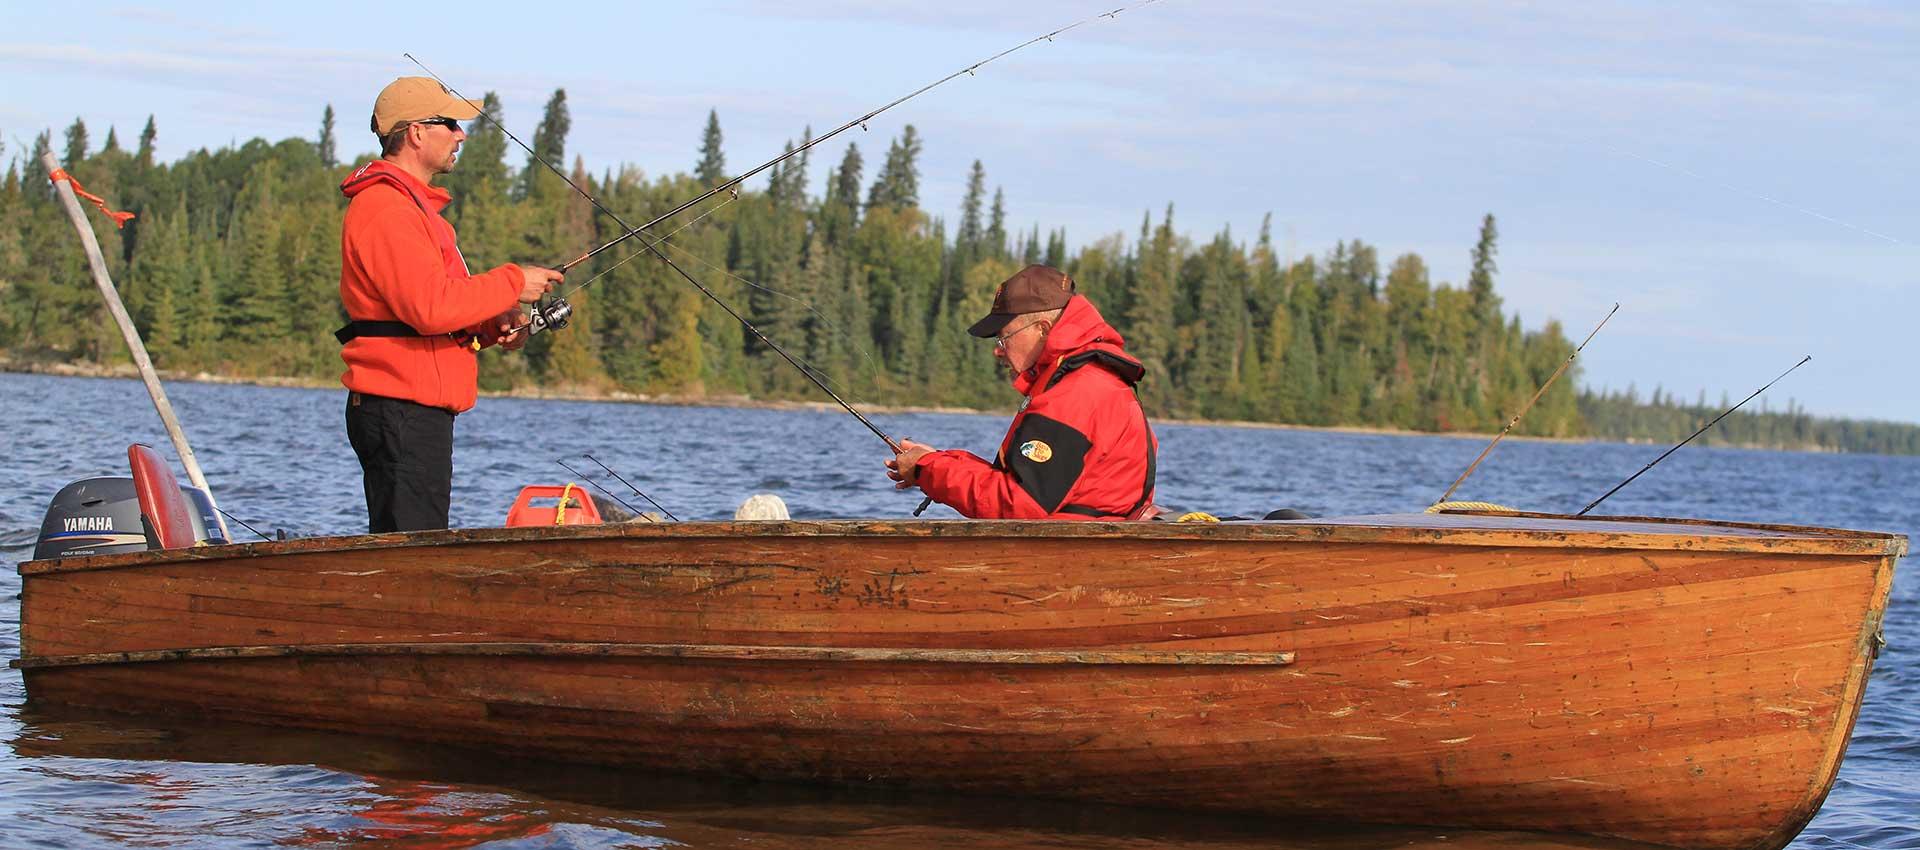 boats-equipment-header-erringtons